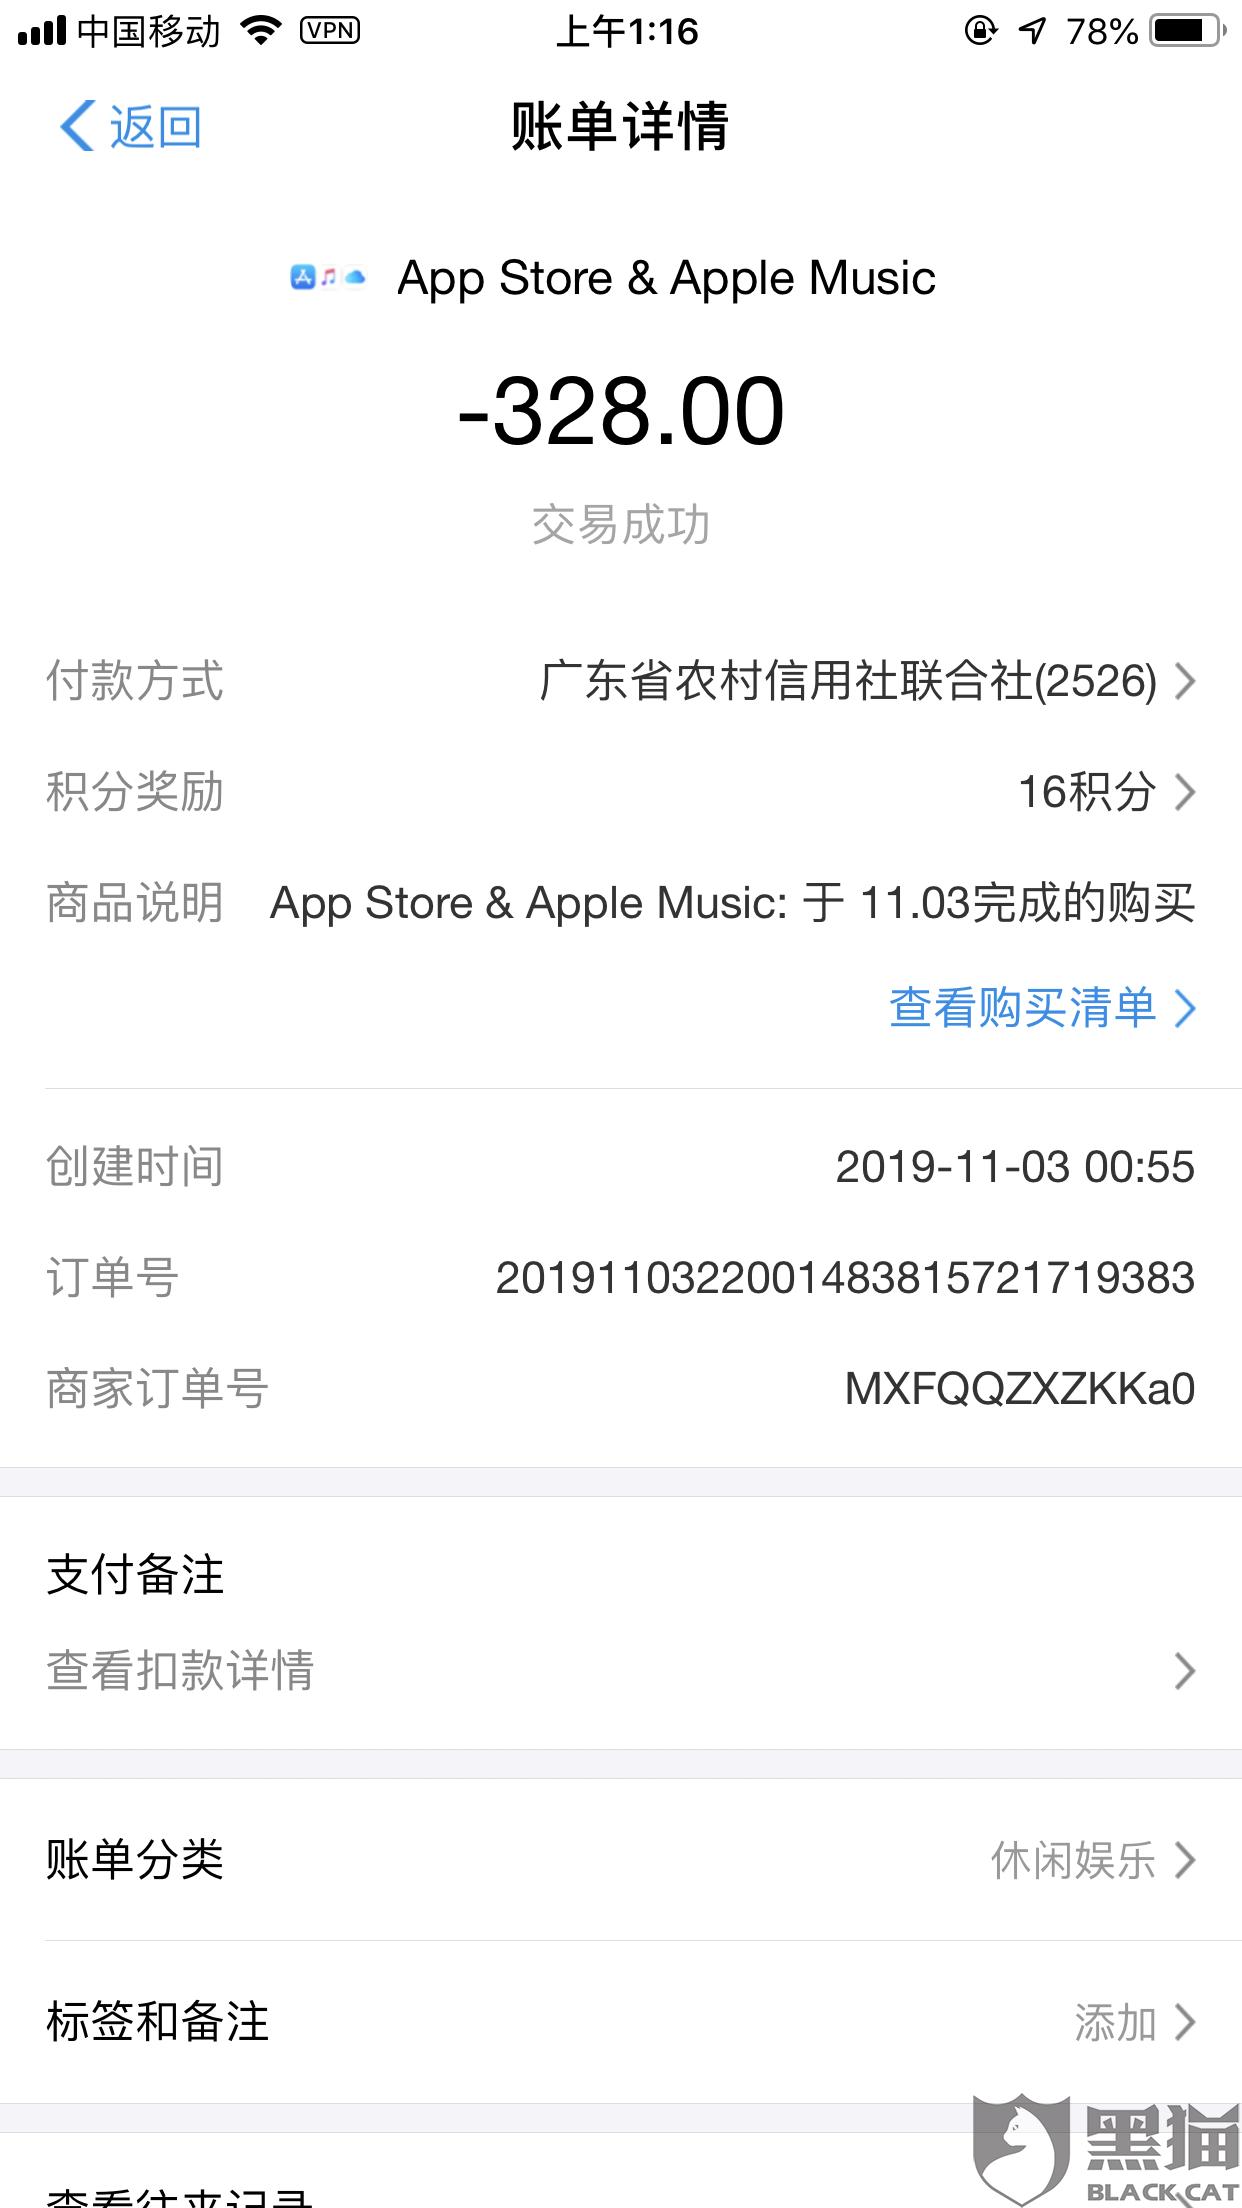 黑猫投诉:苹果id被盗用不给予退款